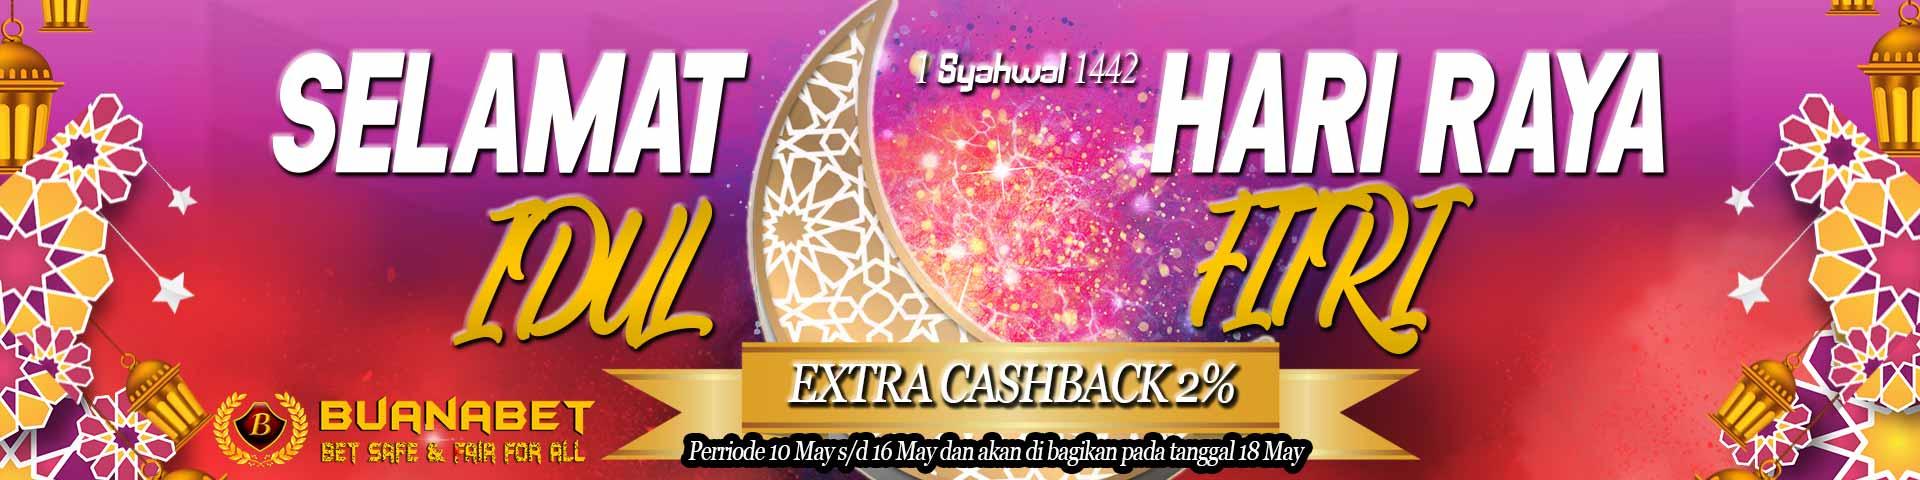 Promo Idul Fitri Extra Cashback 2%